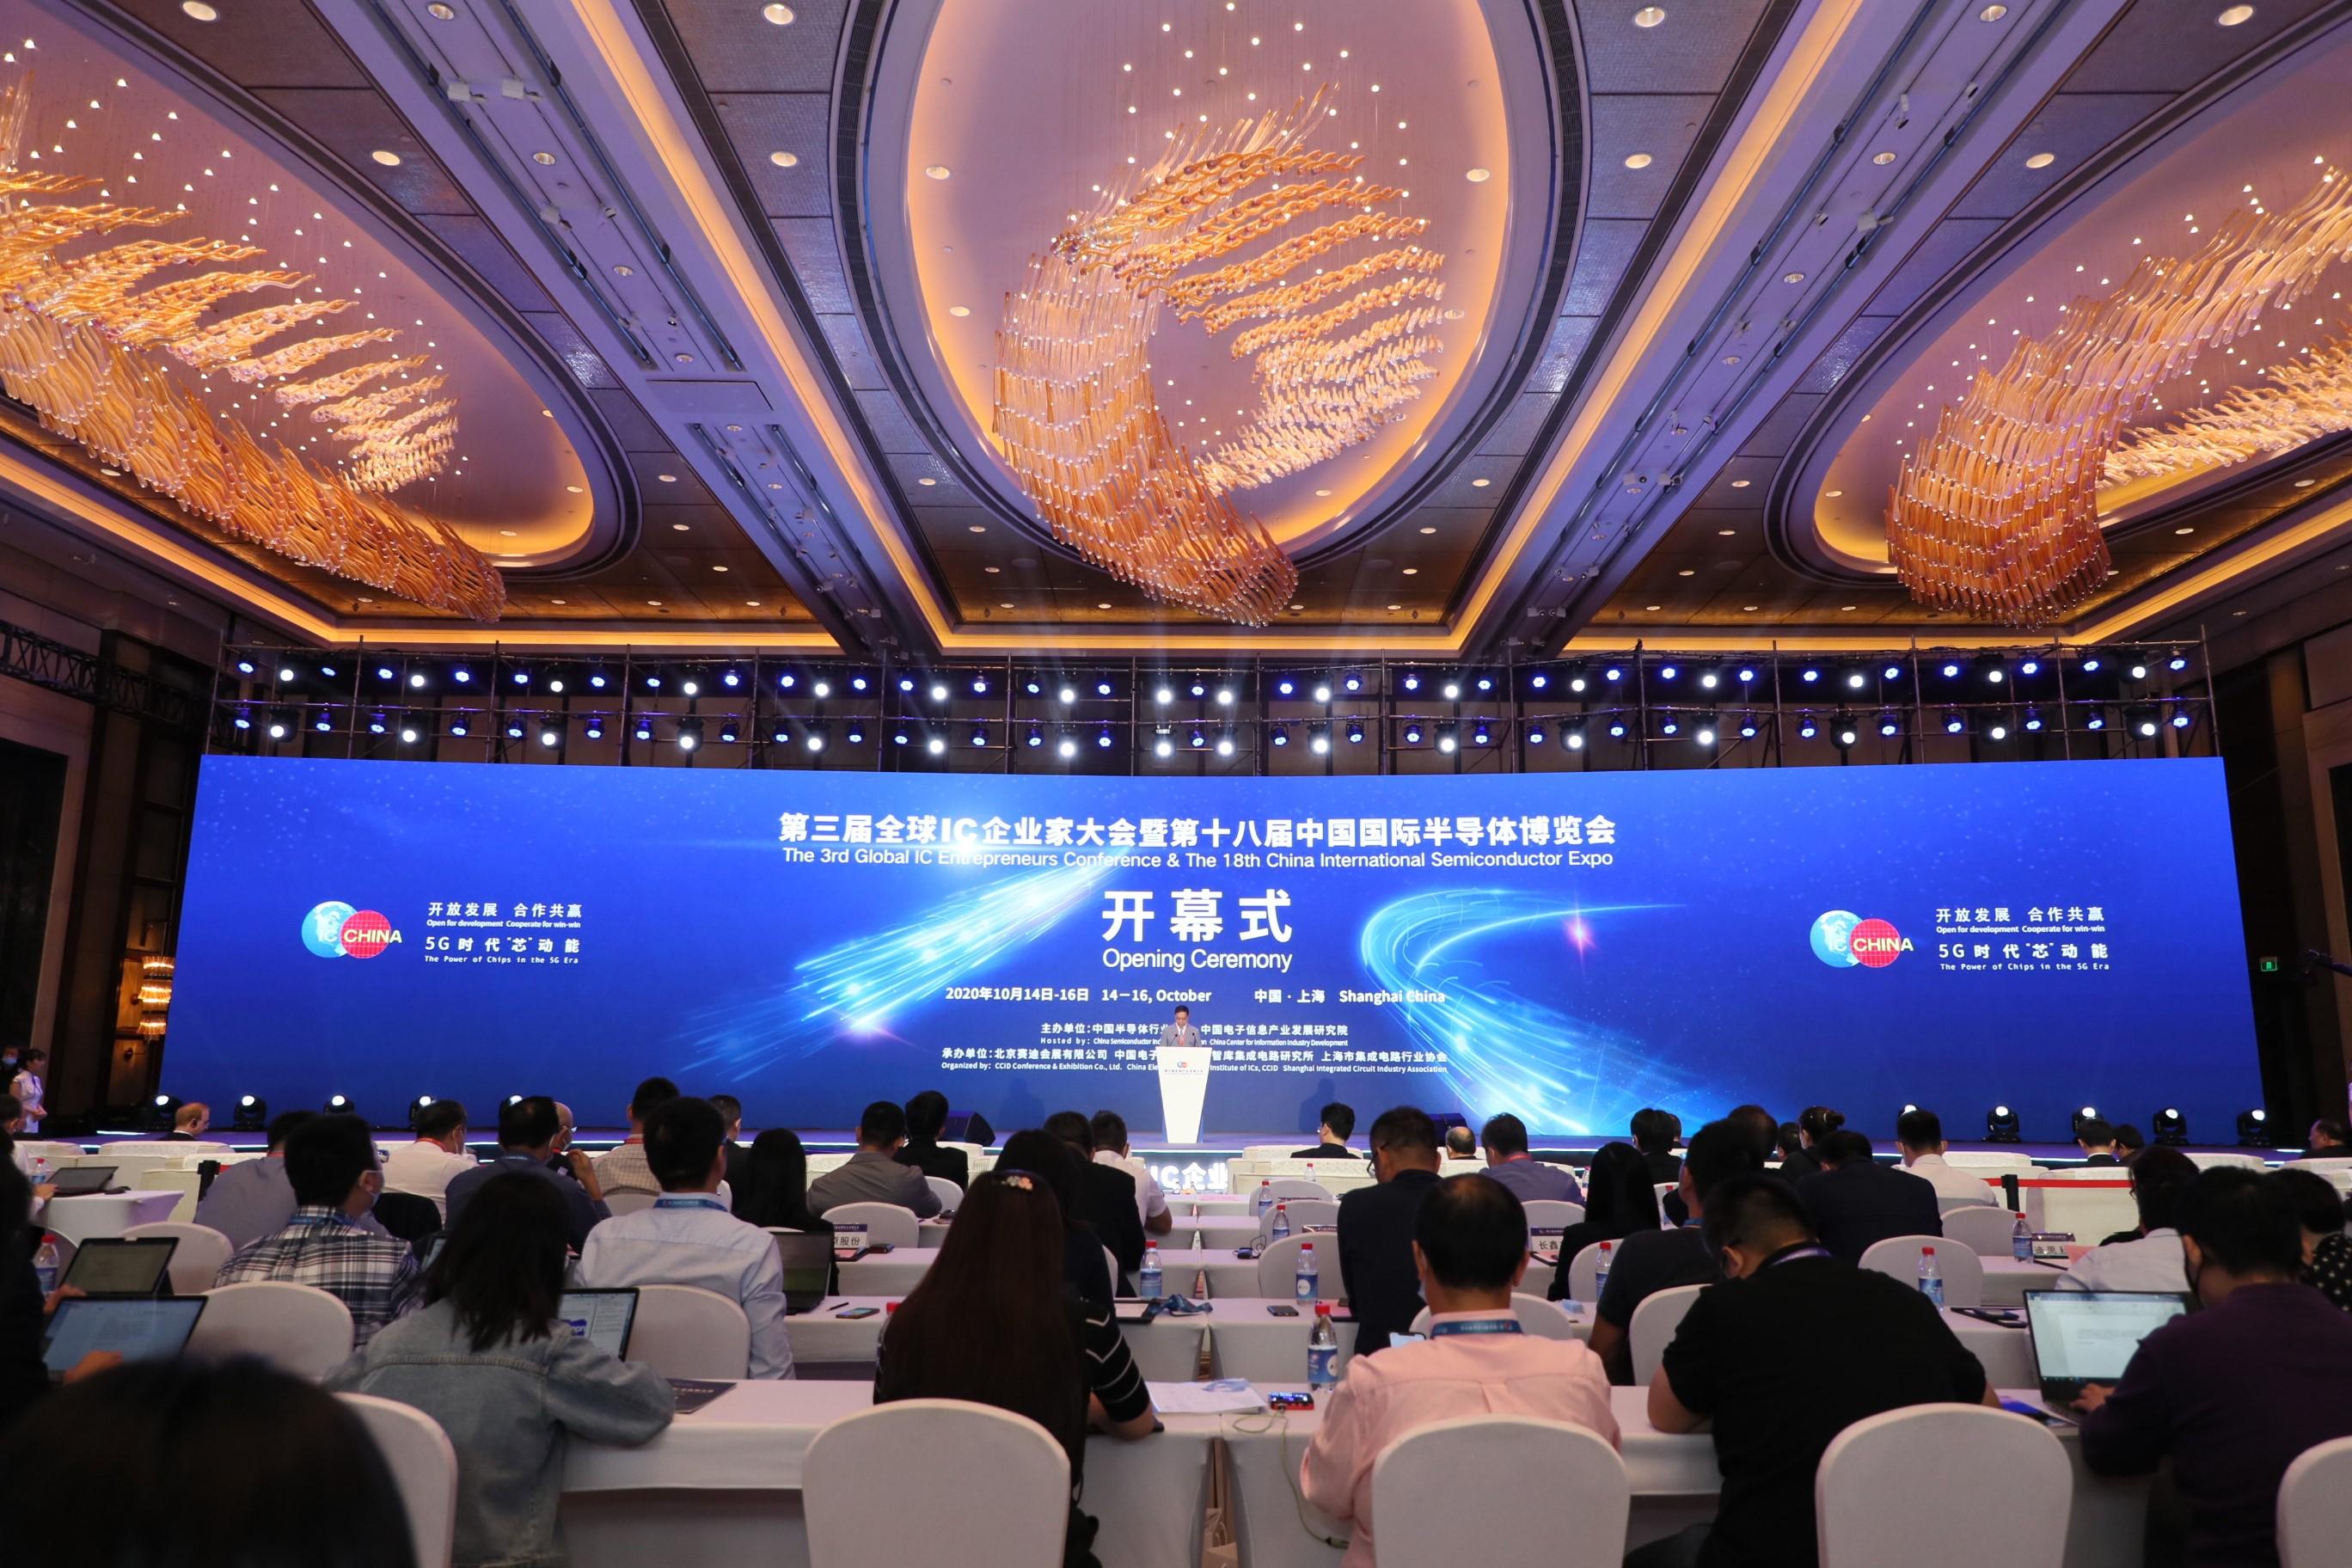 风华高科75亿项目即将启动,国产MLCC迎历史性机遇